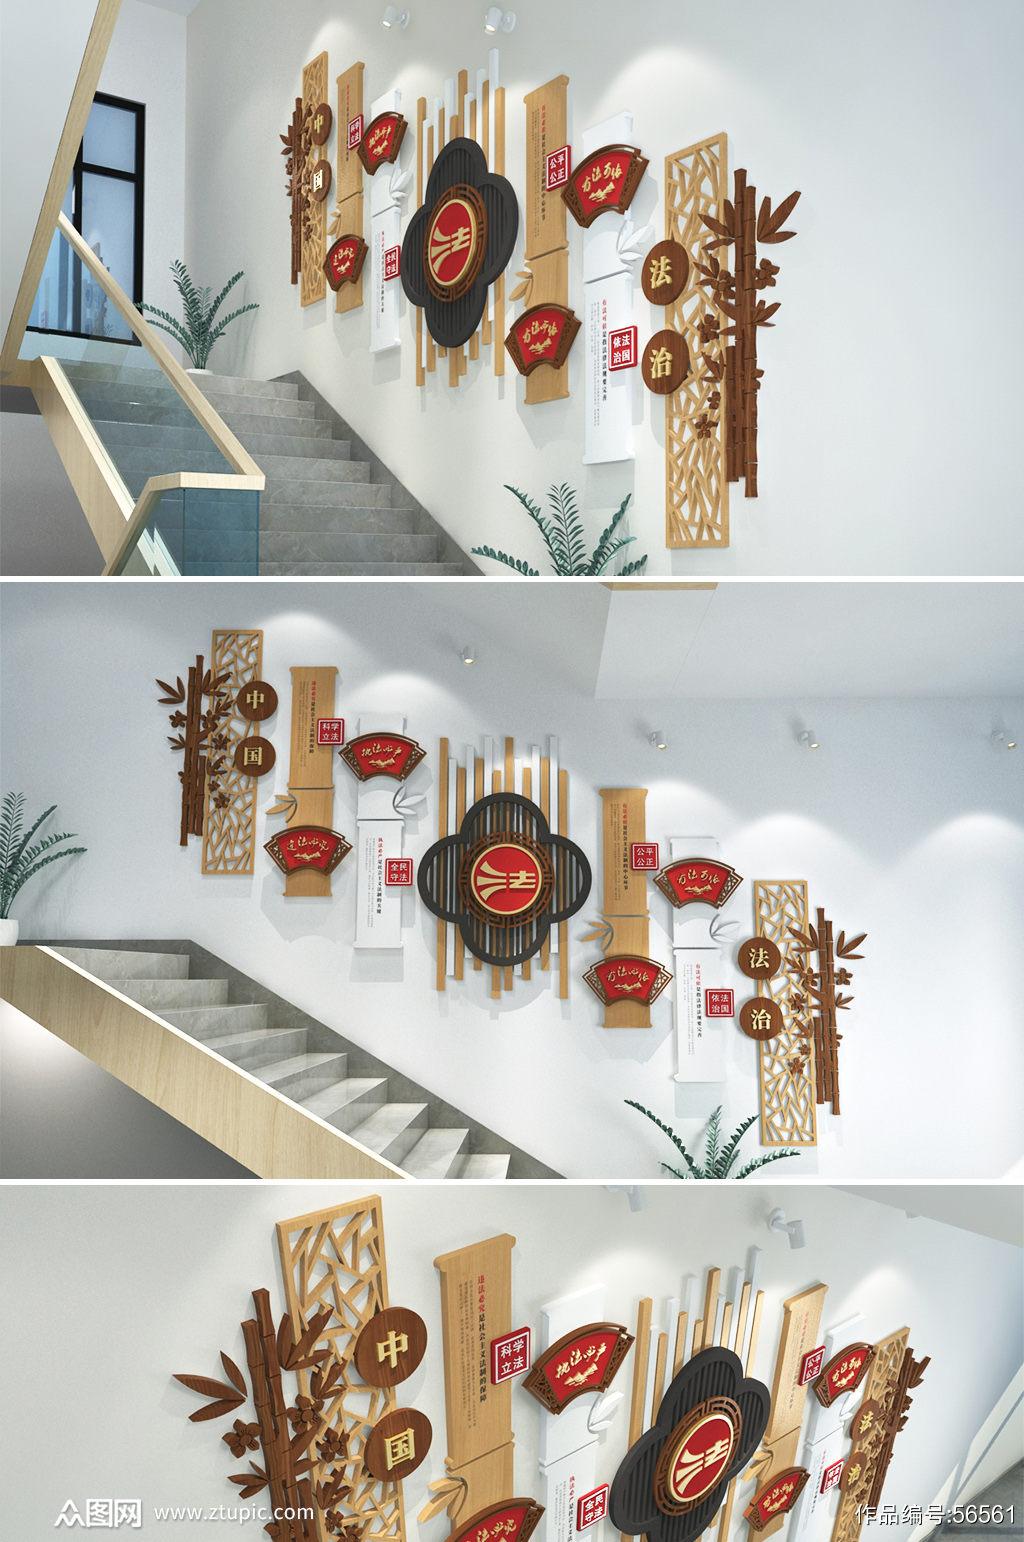 木纹修竹法治楼道楼梯司法文化墙素材